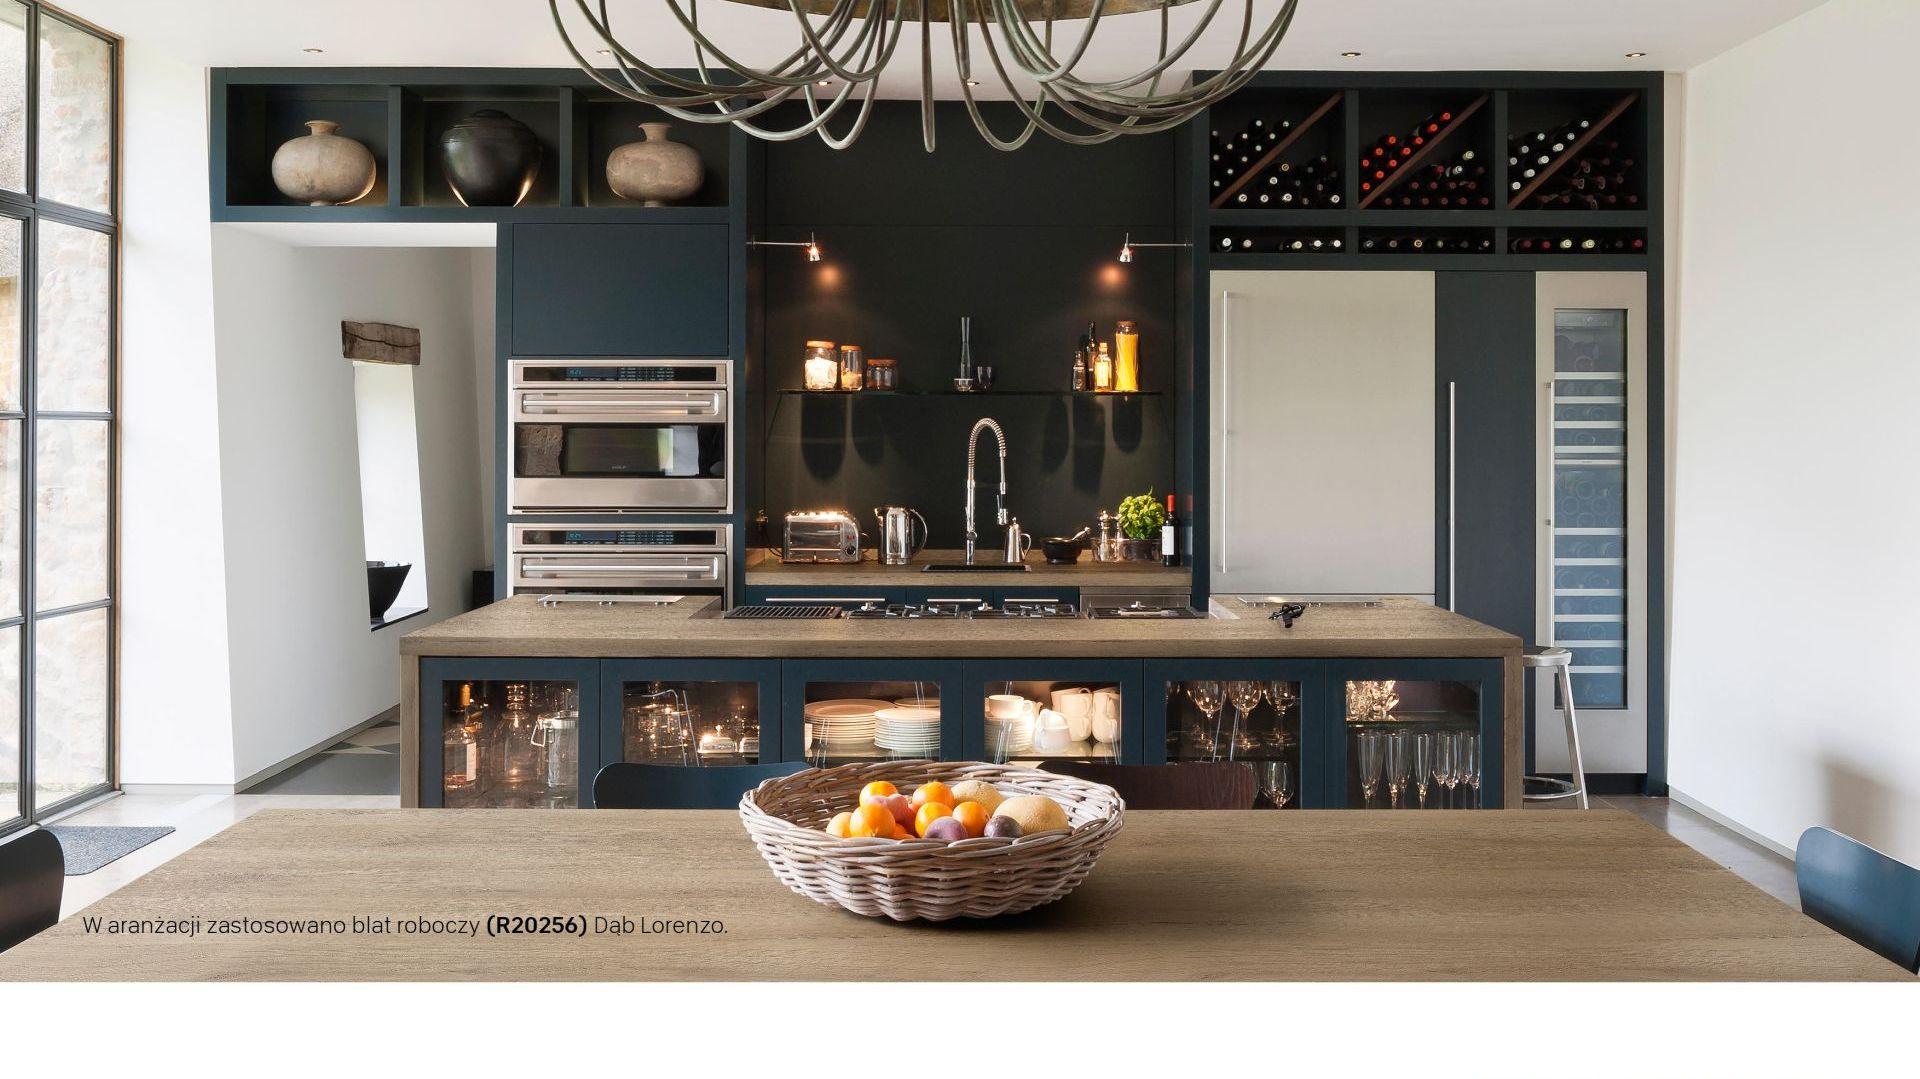 Blaty kuchenne w kolekcji TrendBook 2020/Pfleiderer. Produkt zgłoszony do konkursu Kuchnia - Wybór Roku 2020.